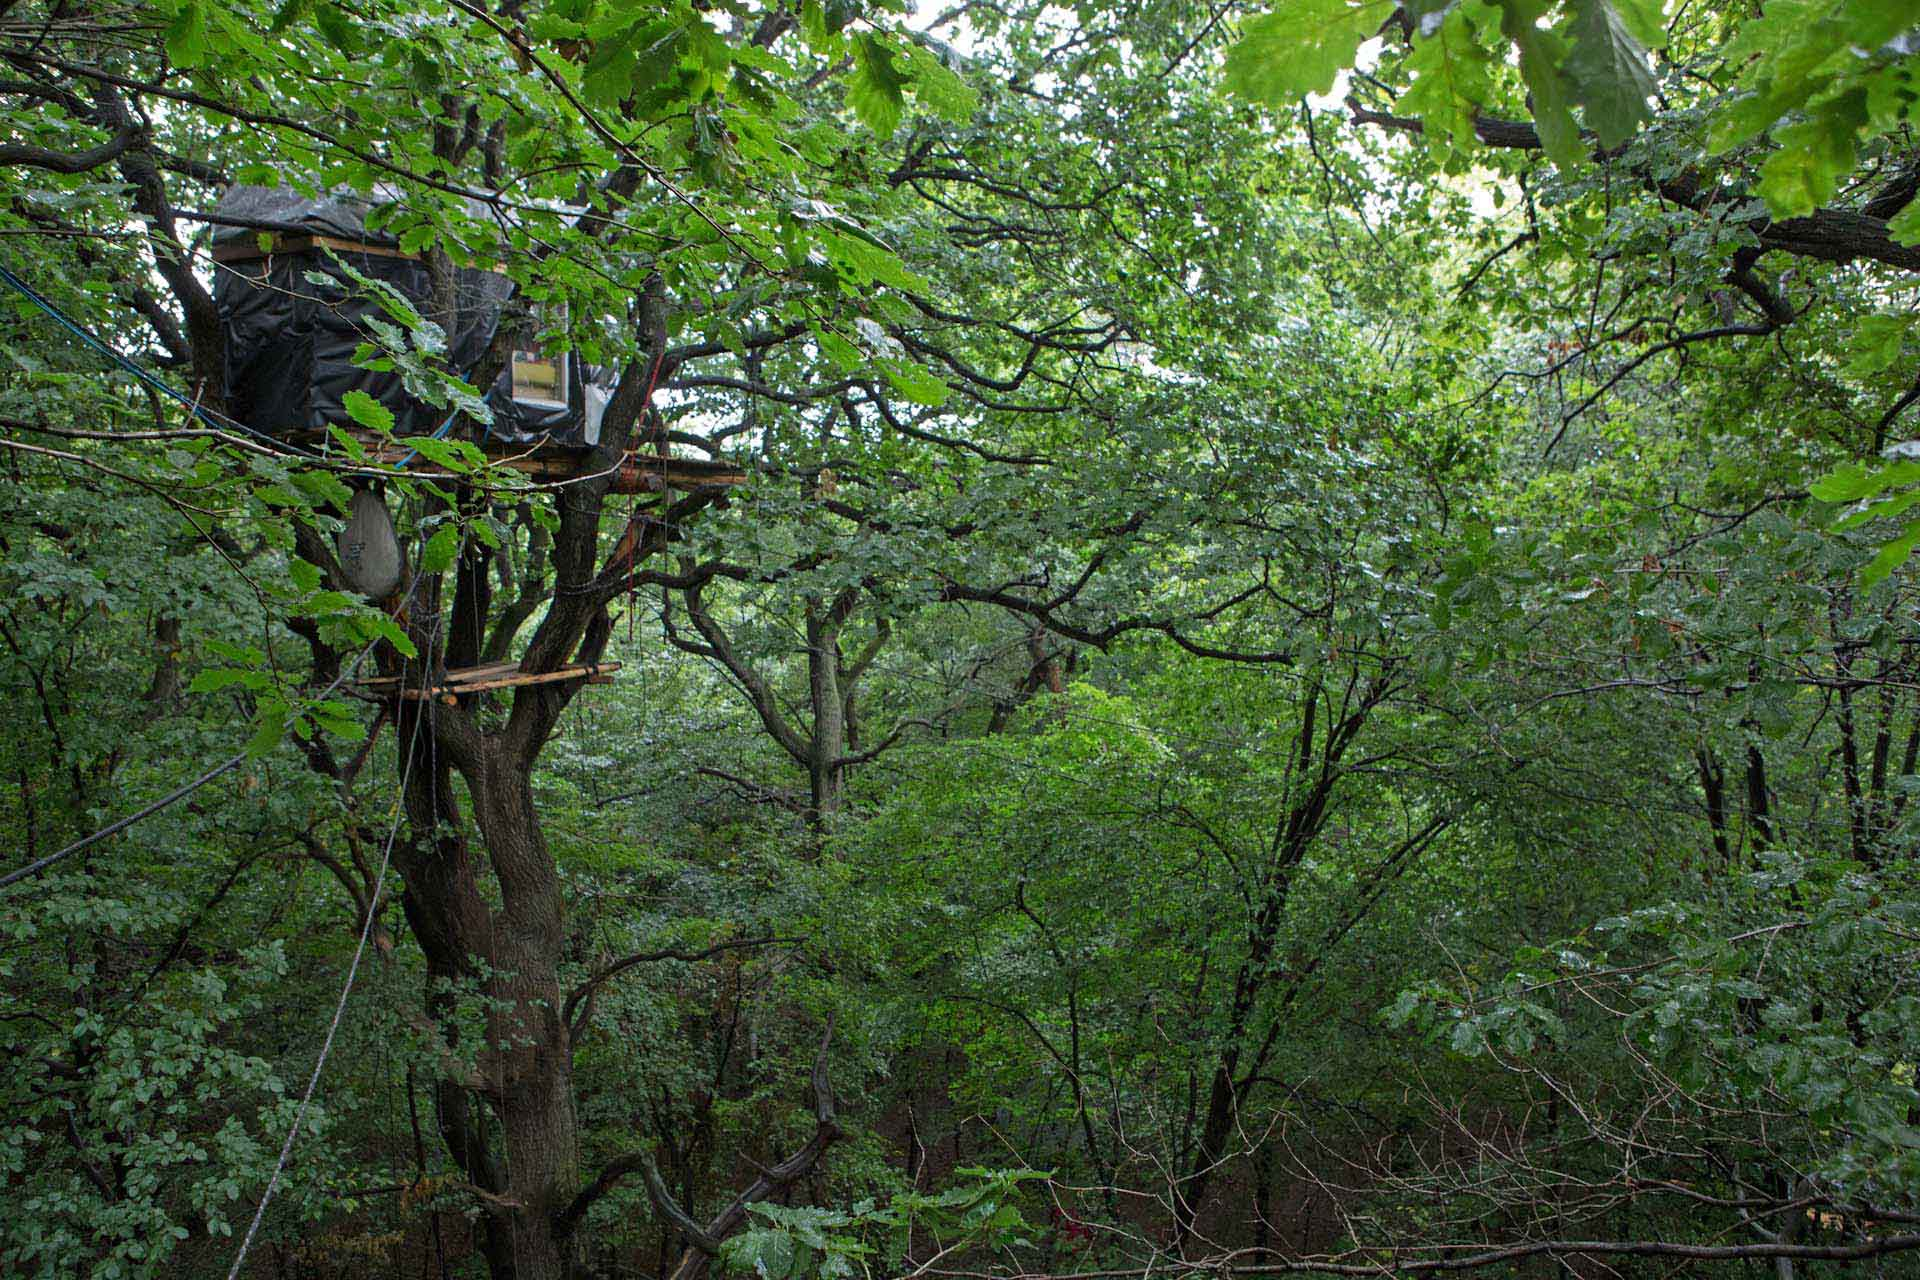 Von Baumschützern bewohnte Häuser auf  hohen, teils bis zu dreihundert Jahre alten Eichen